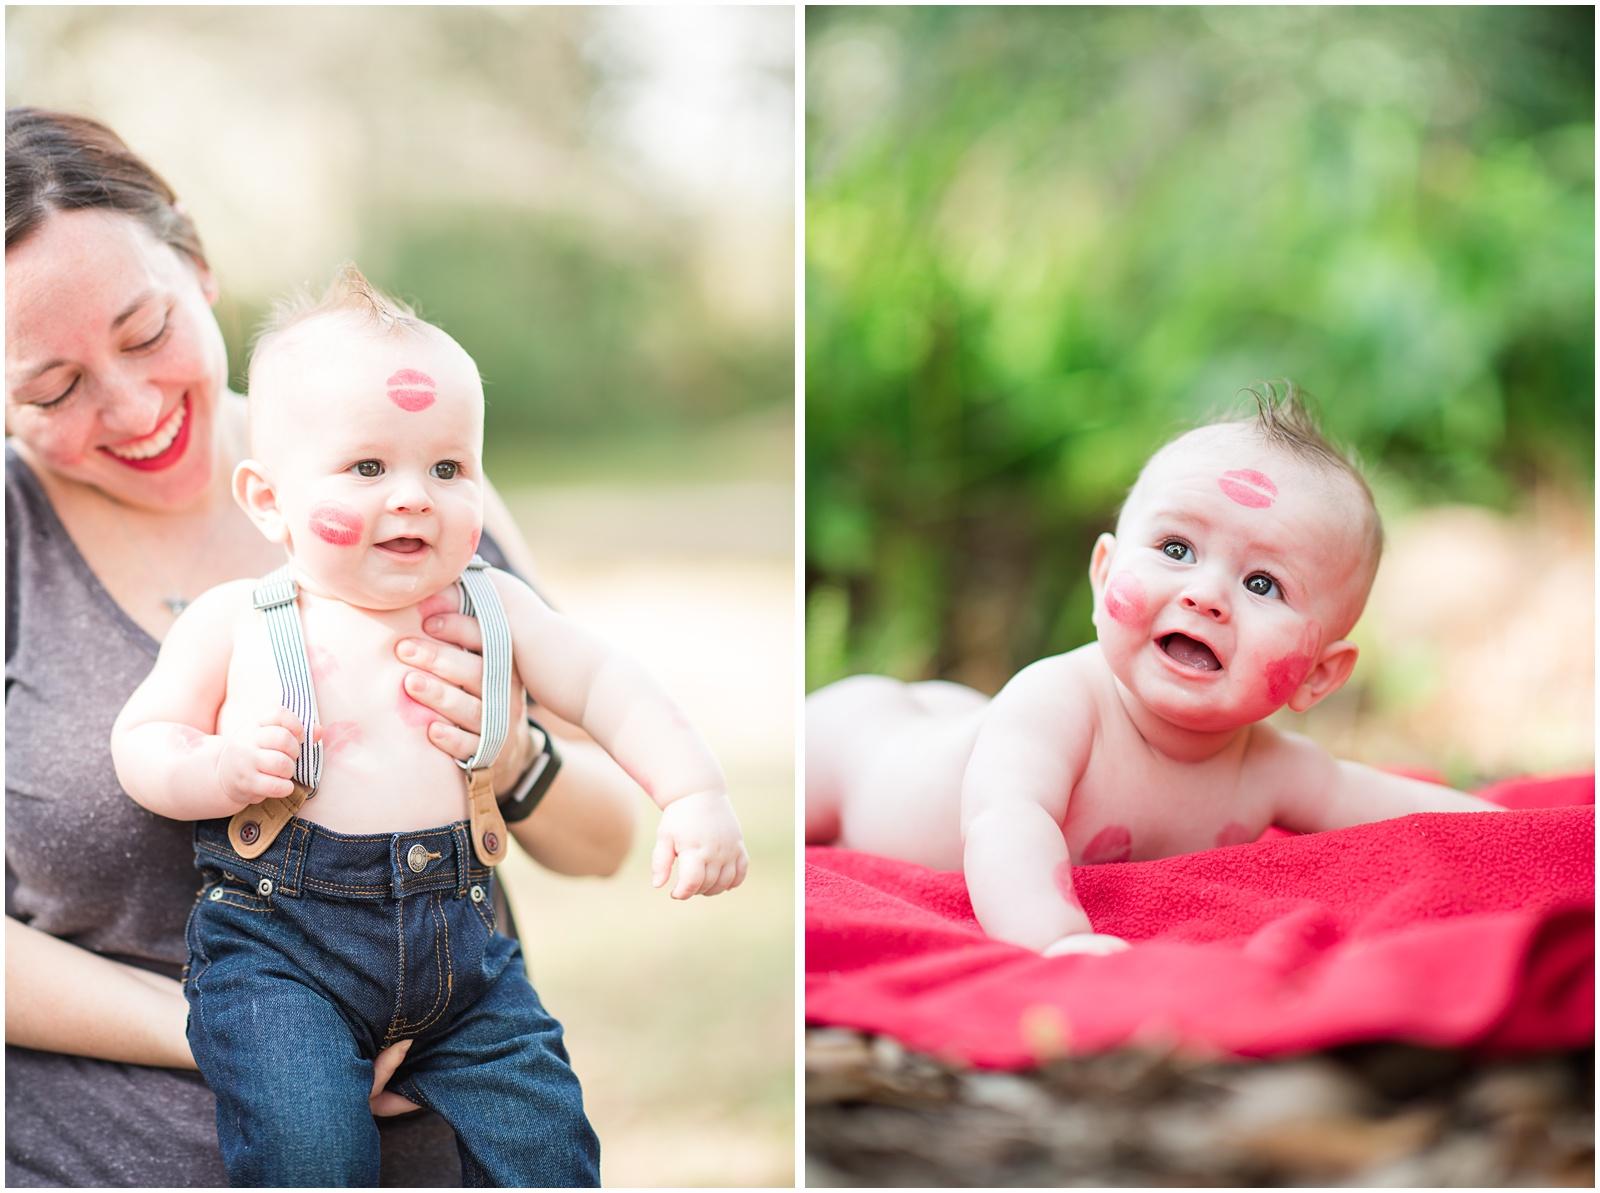 Baby_Portraits_6 Months_Valentine's Day_Walter Jones Park_18.jpg